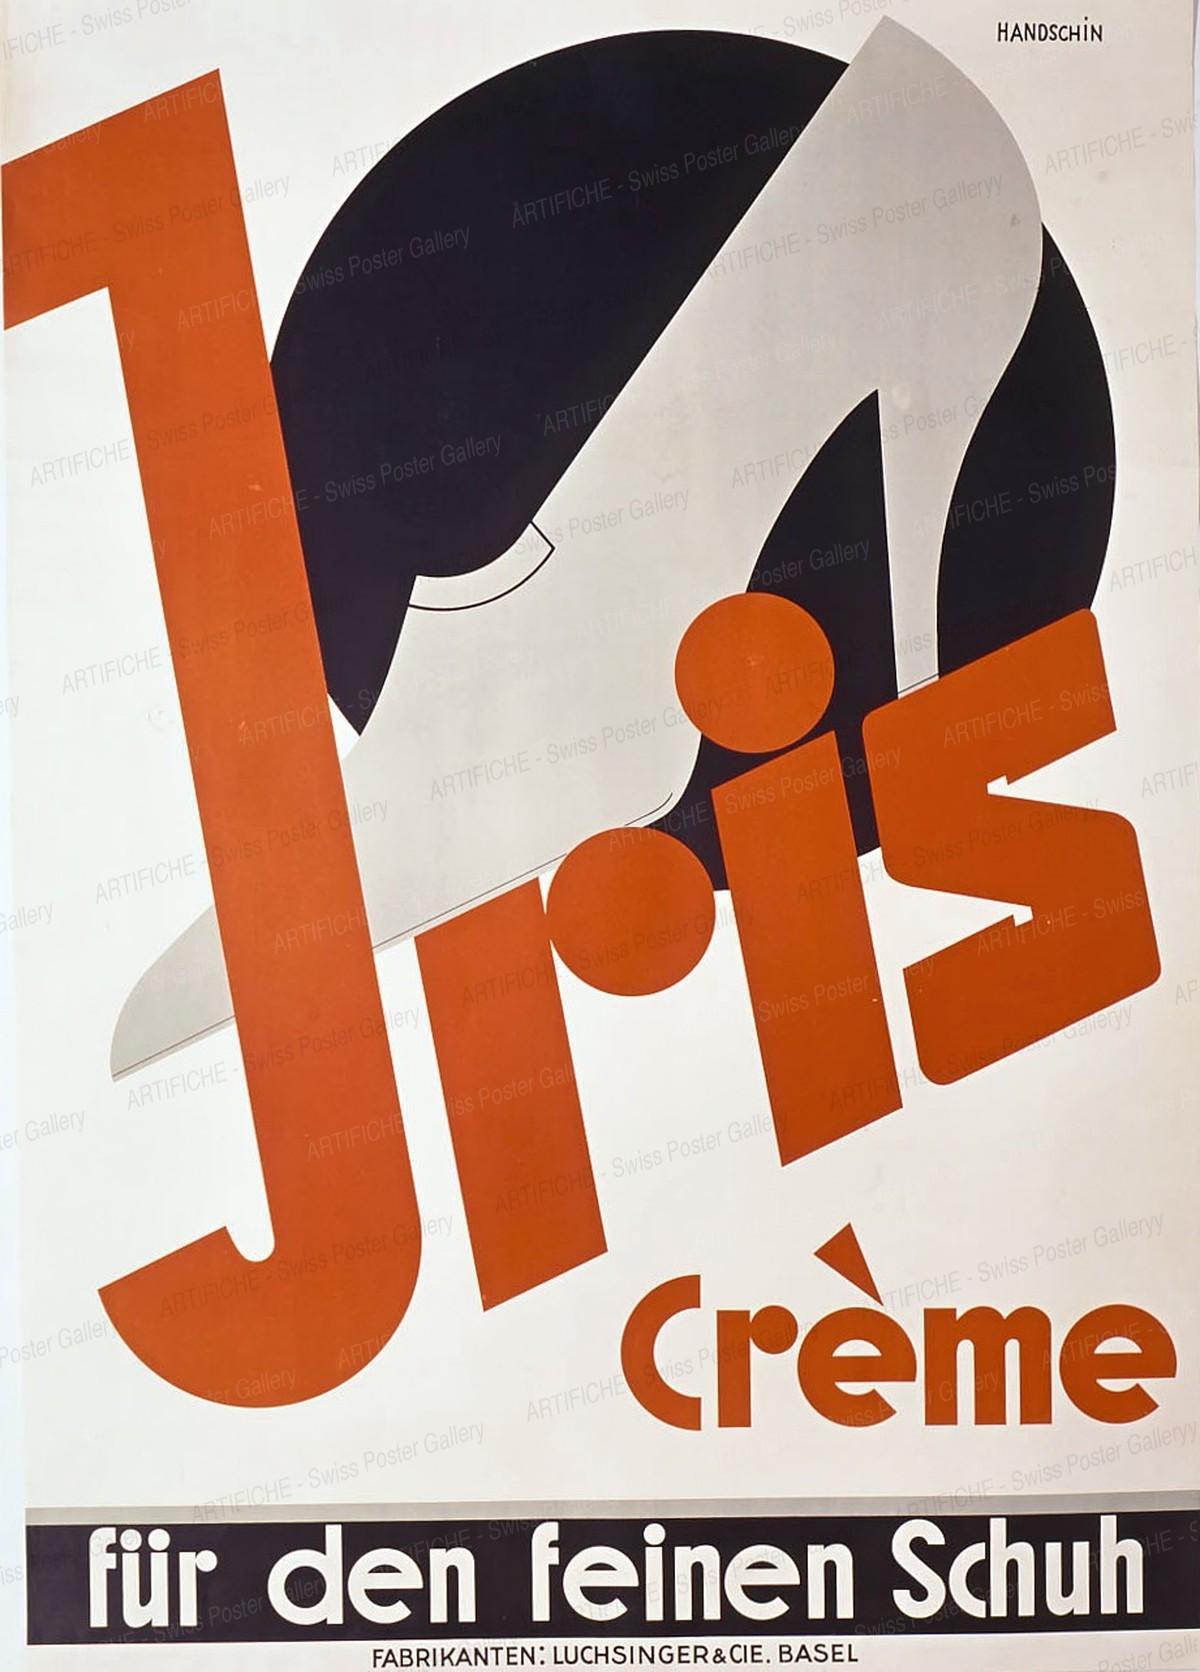 Jris Crème für den feinen Schuh – Fabrikant: Luchsinger & Cie. Basel, Johannes Handschin